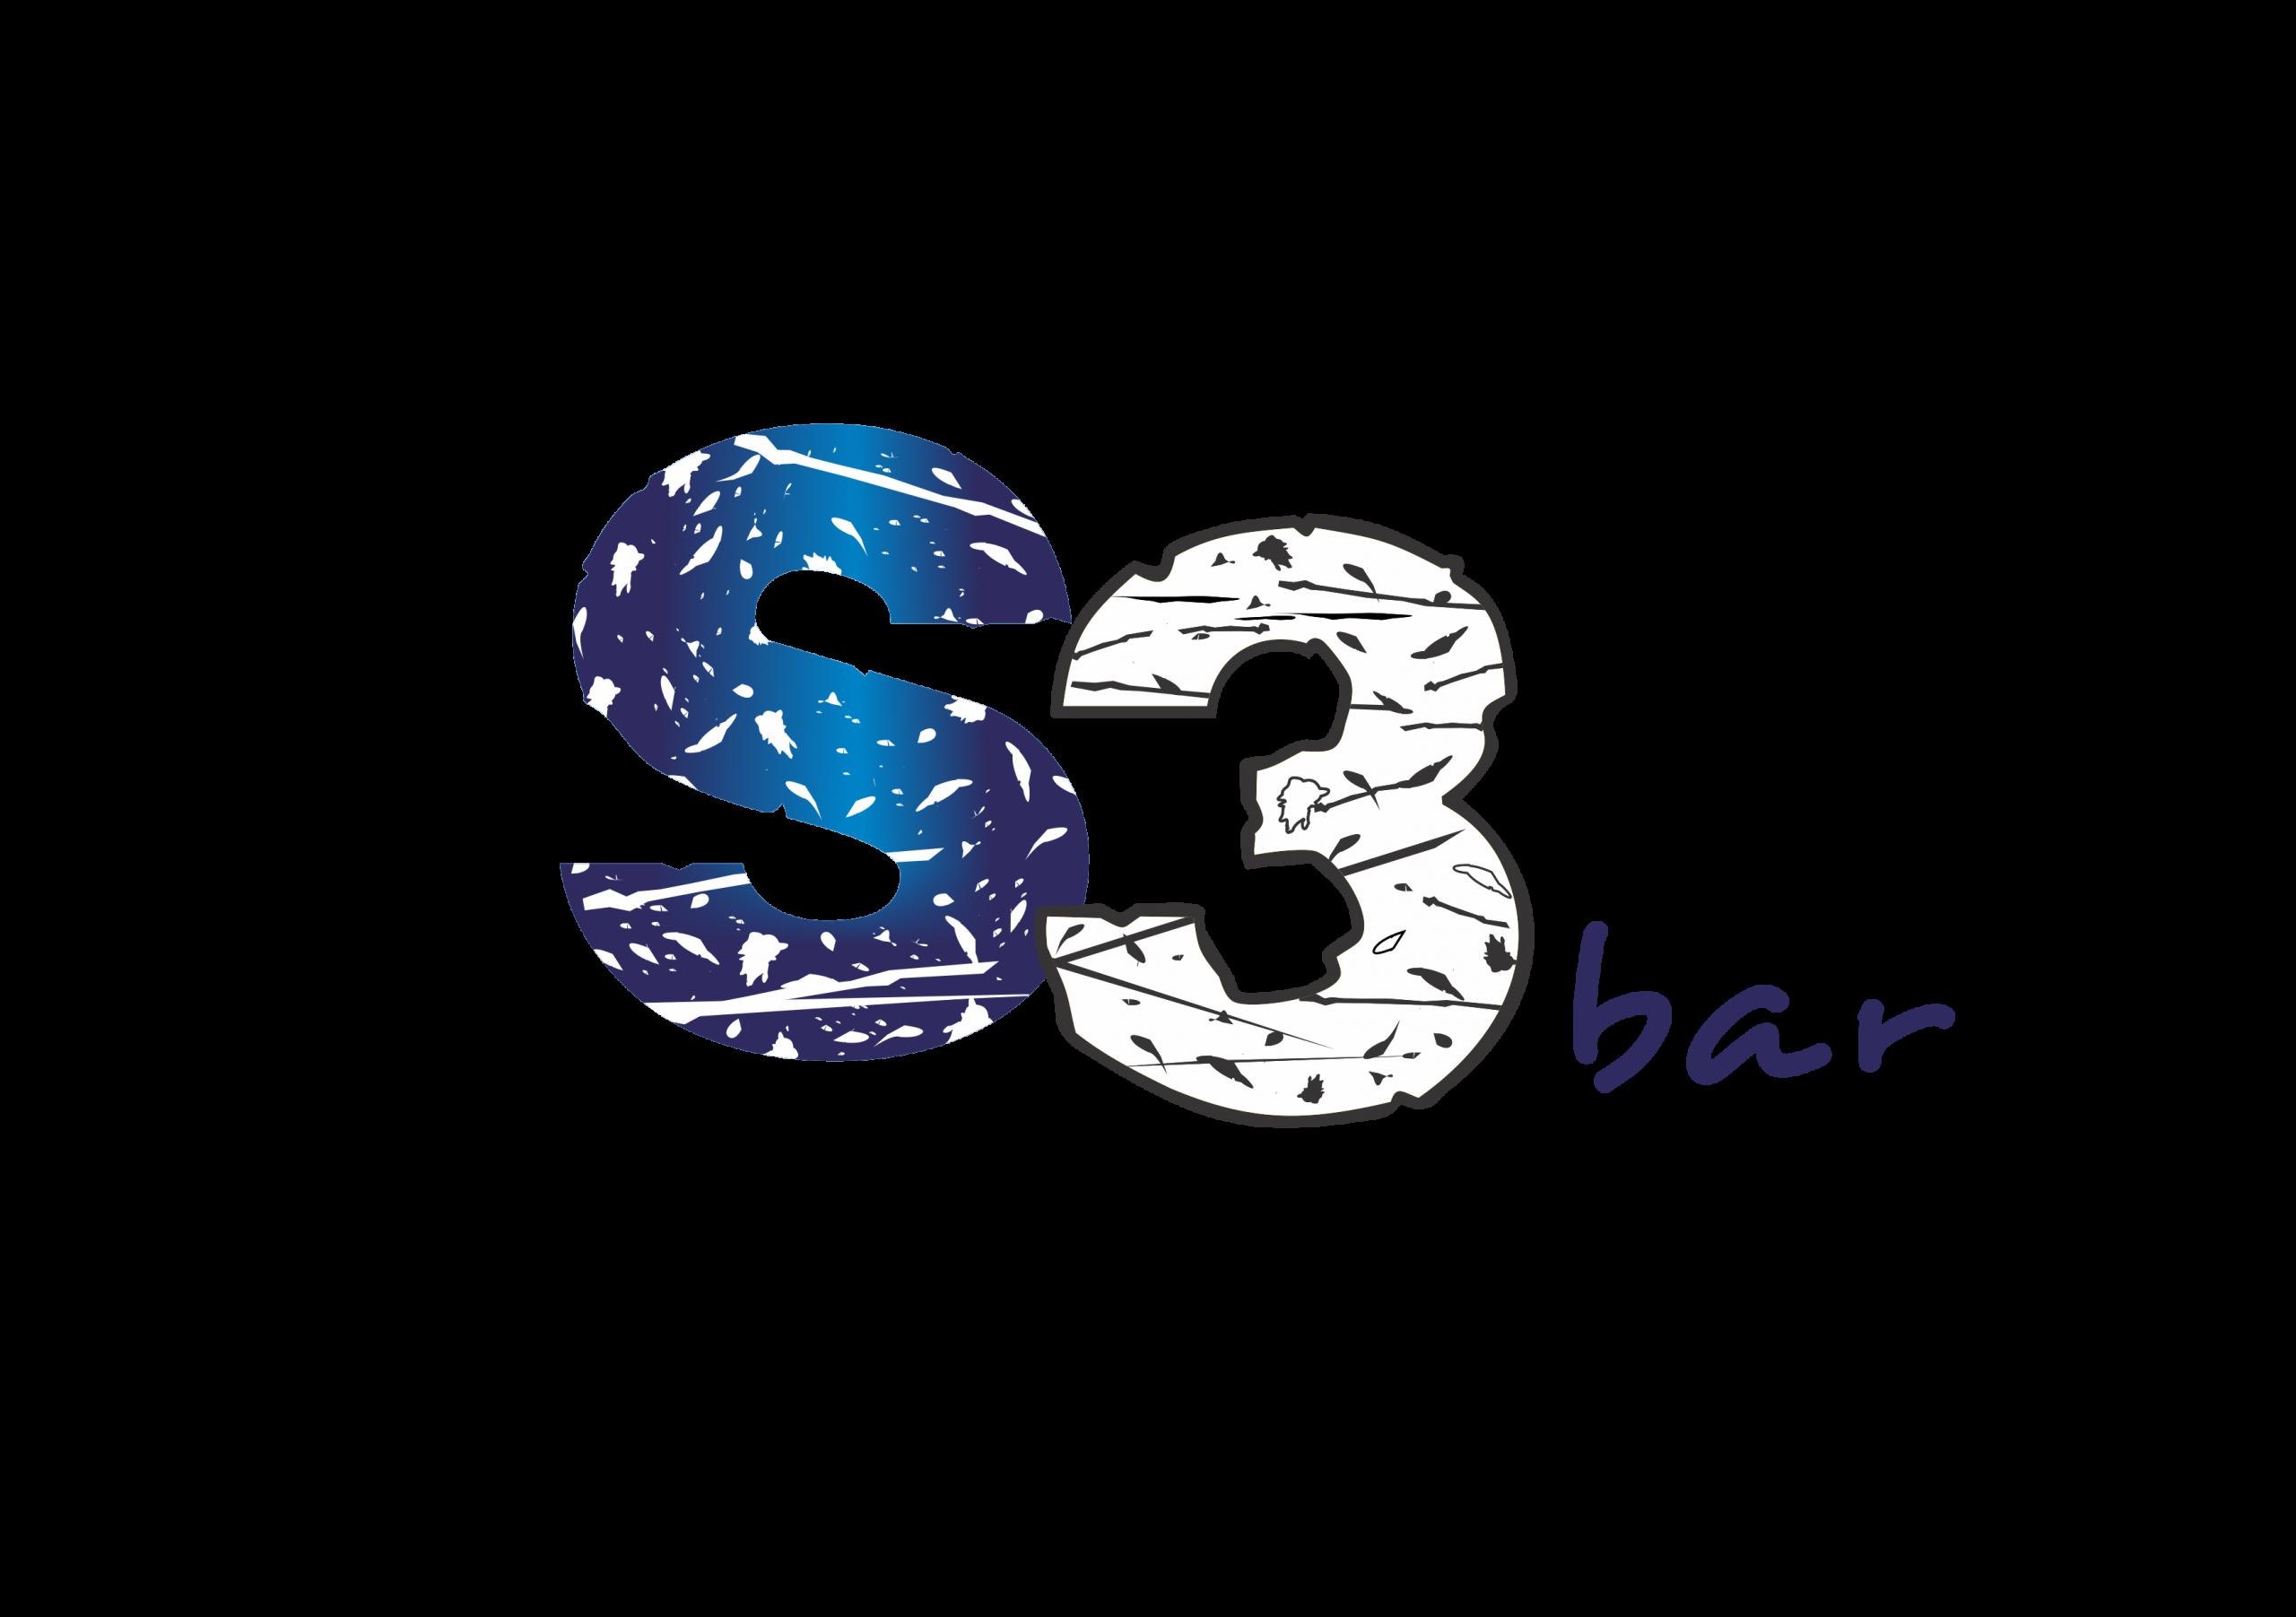 S3 Bar